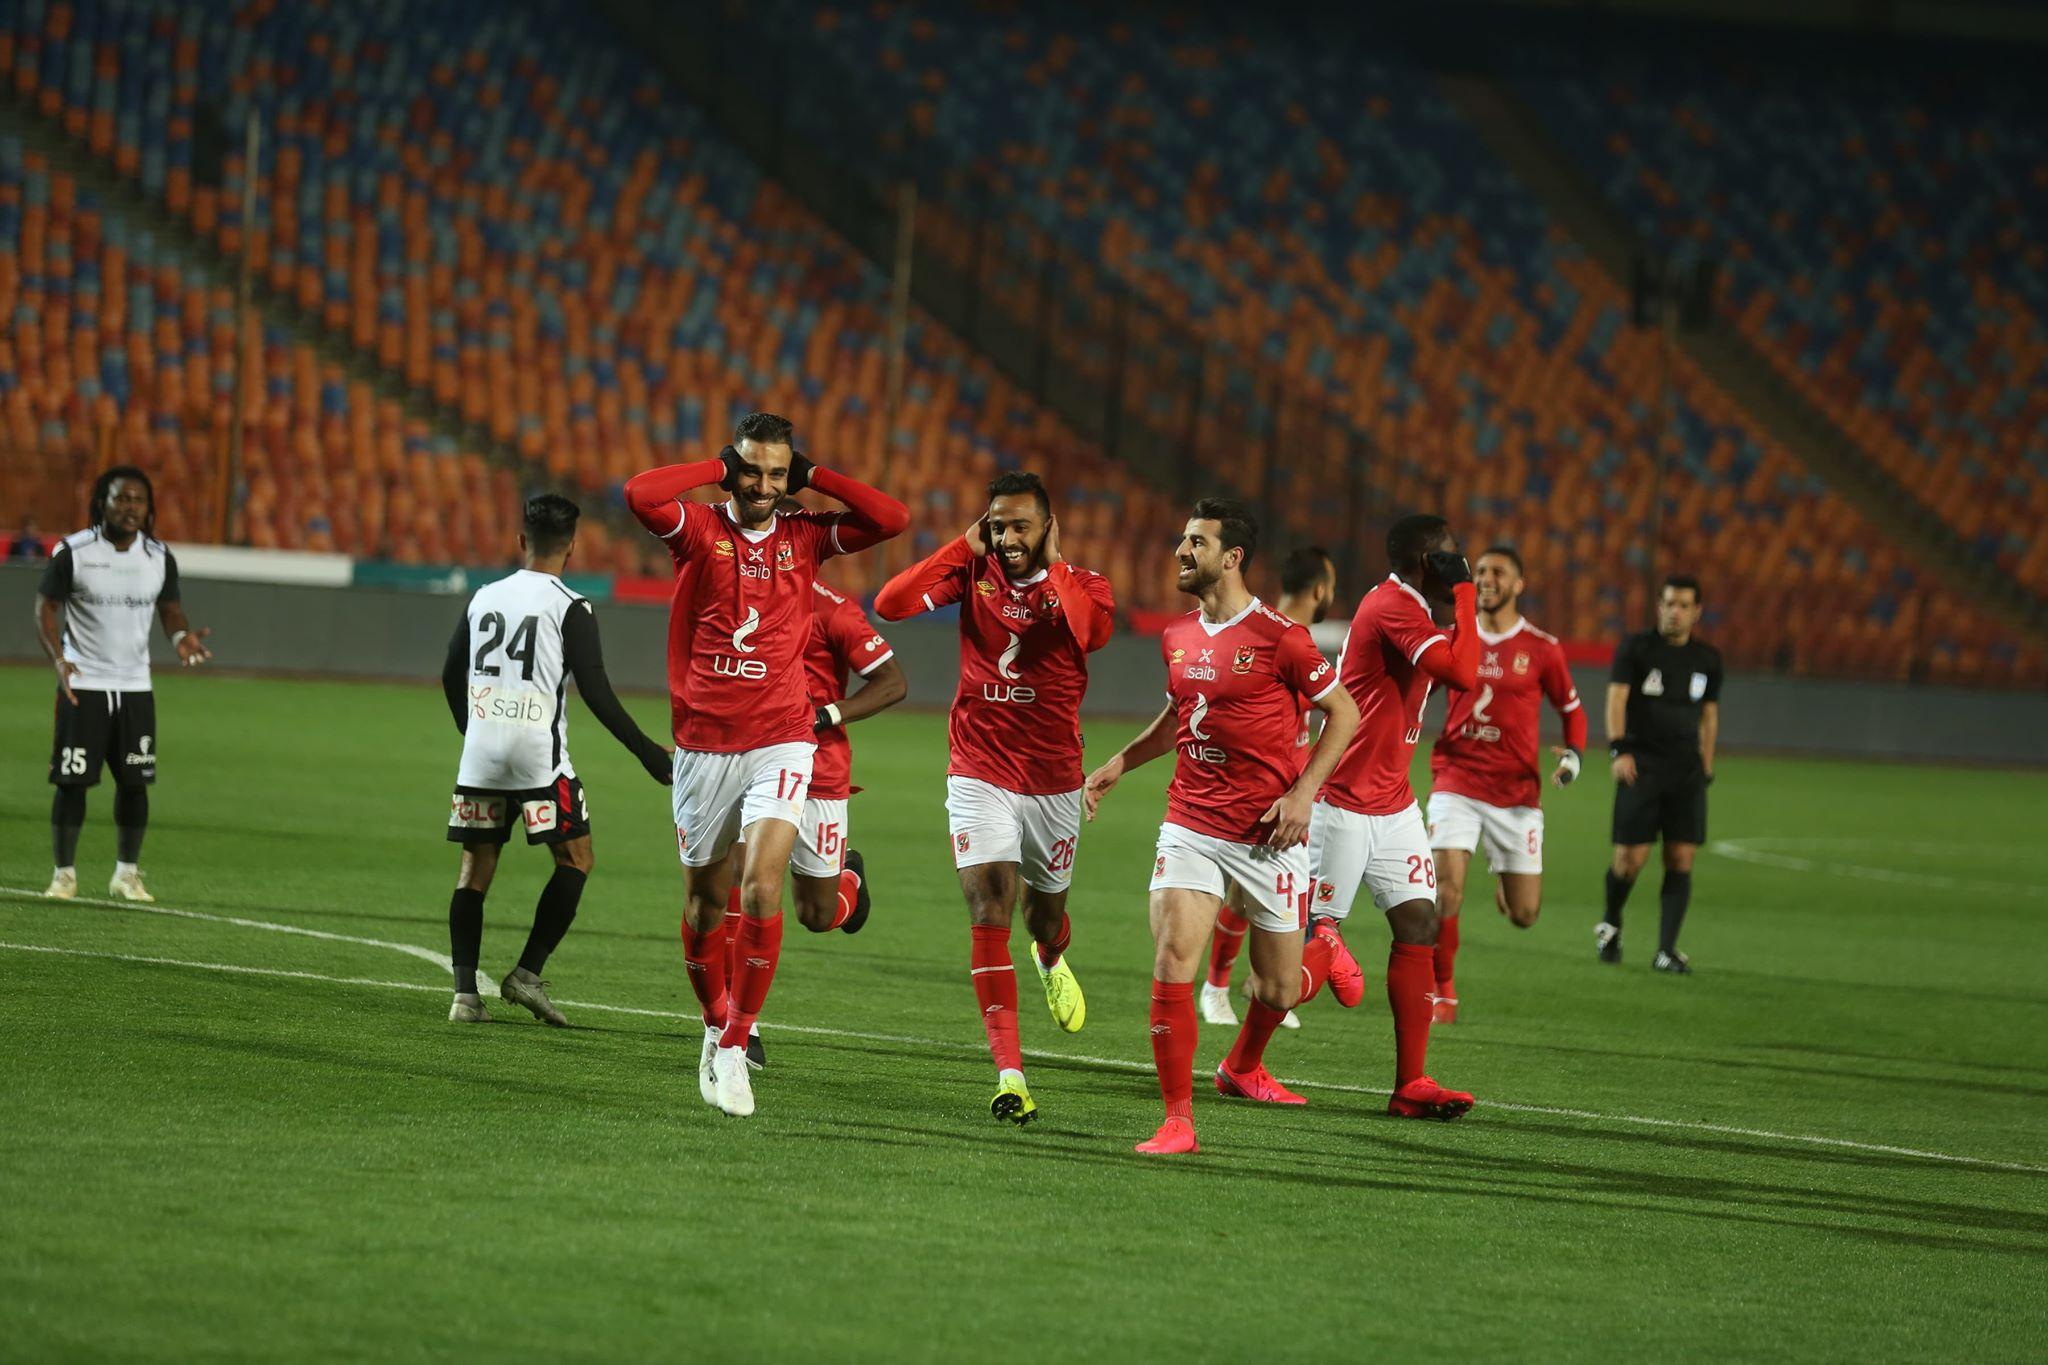 موعد مباراة الأهلي وطلائع الجيش في نهائي كأس مصر والقنوات الناقلة وتغير وحيد في التشكيل